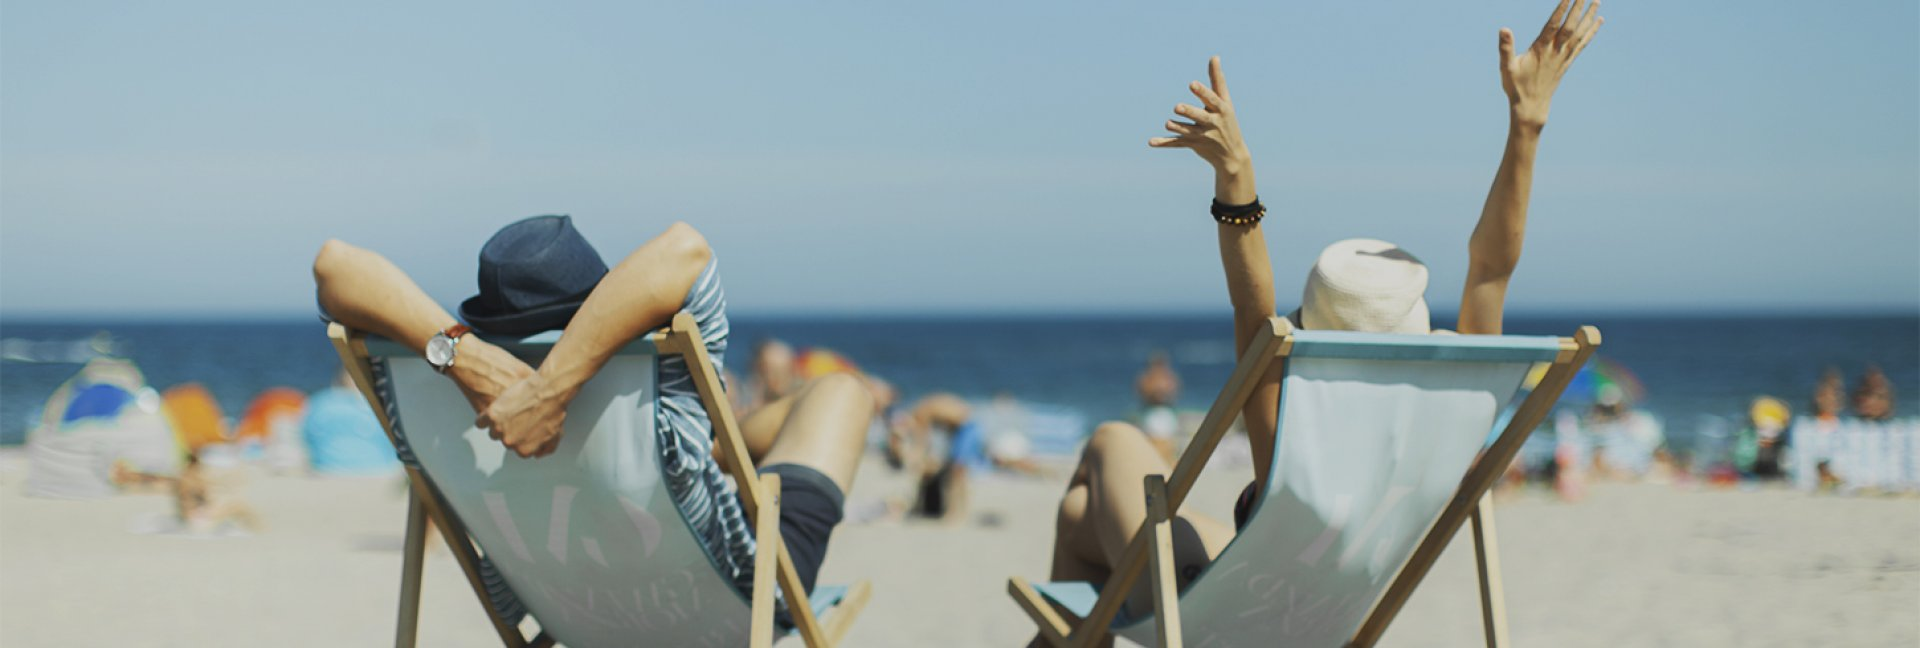 Weekend nad morzem - pomysły na udany wypoczynek dla każdego